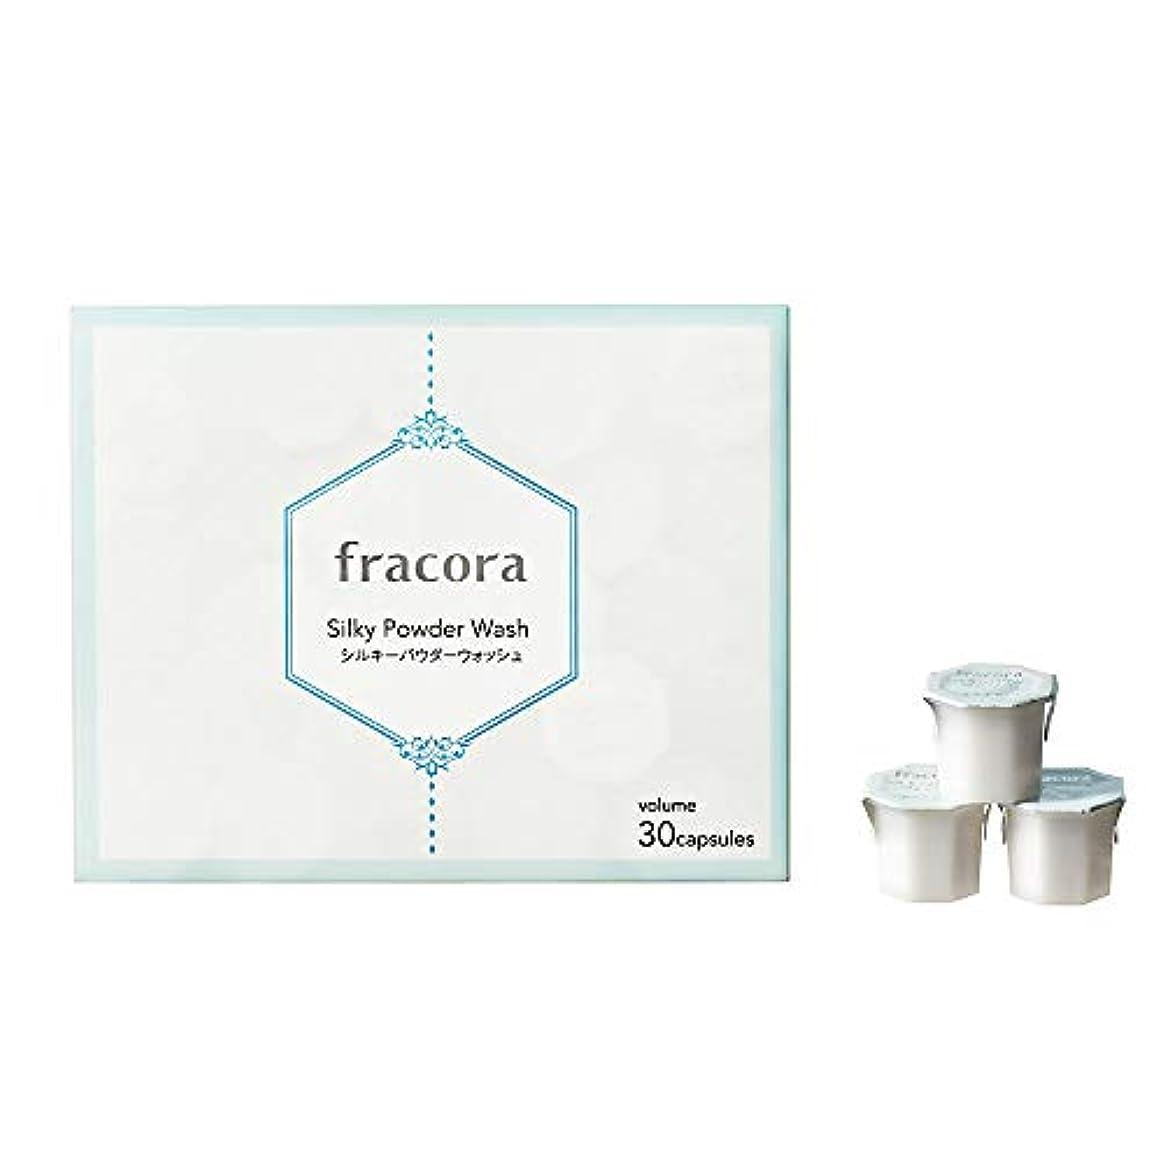 研磨剤不公平アブストラクトfracora(フラコラ) 酵素洗顔 シルキーパウダーウォッシュ 30カプセル入